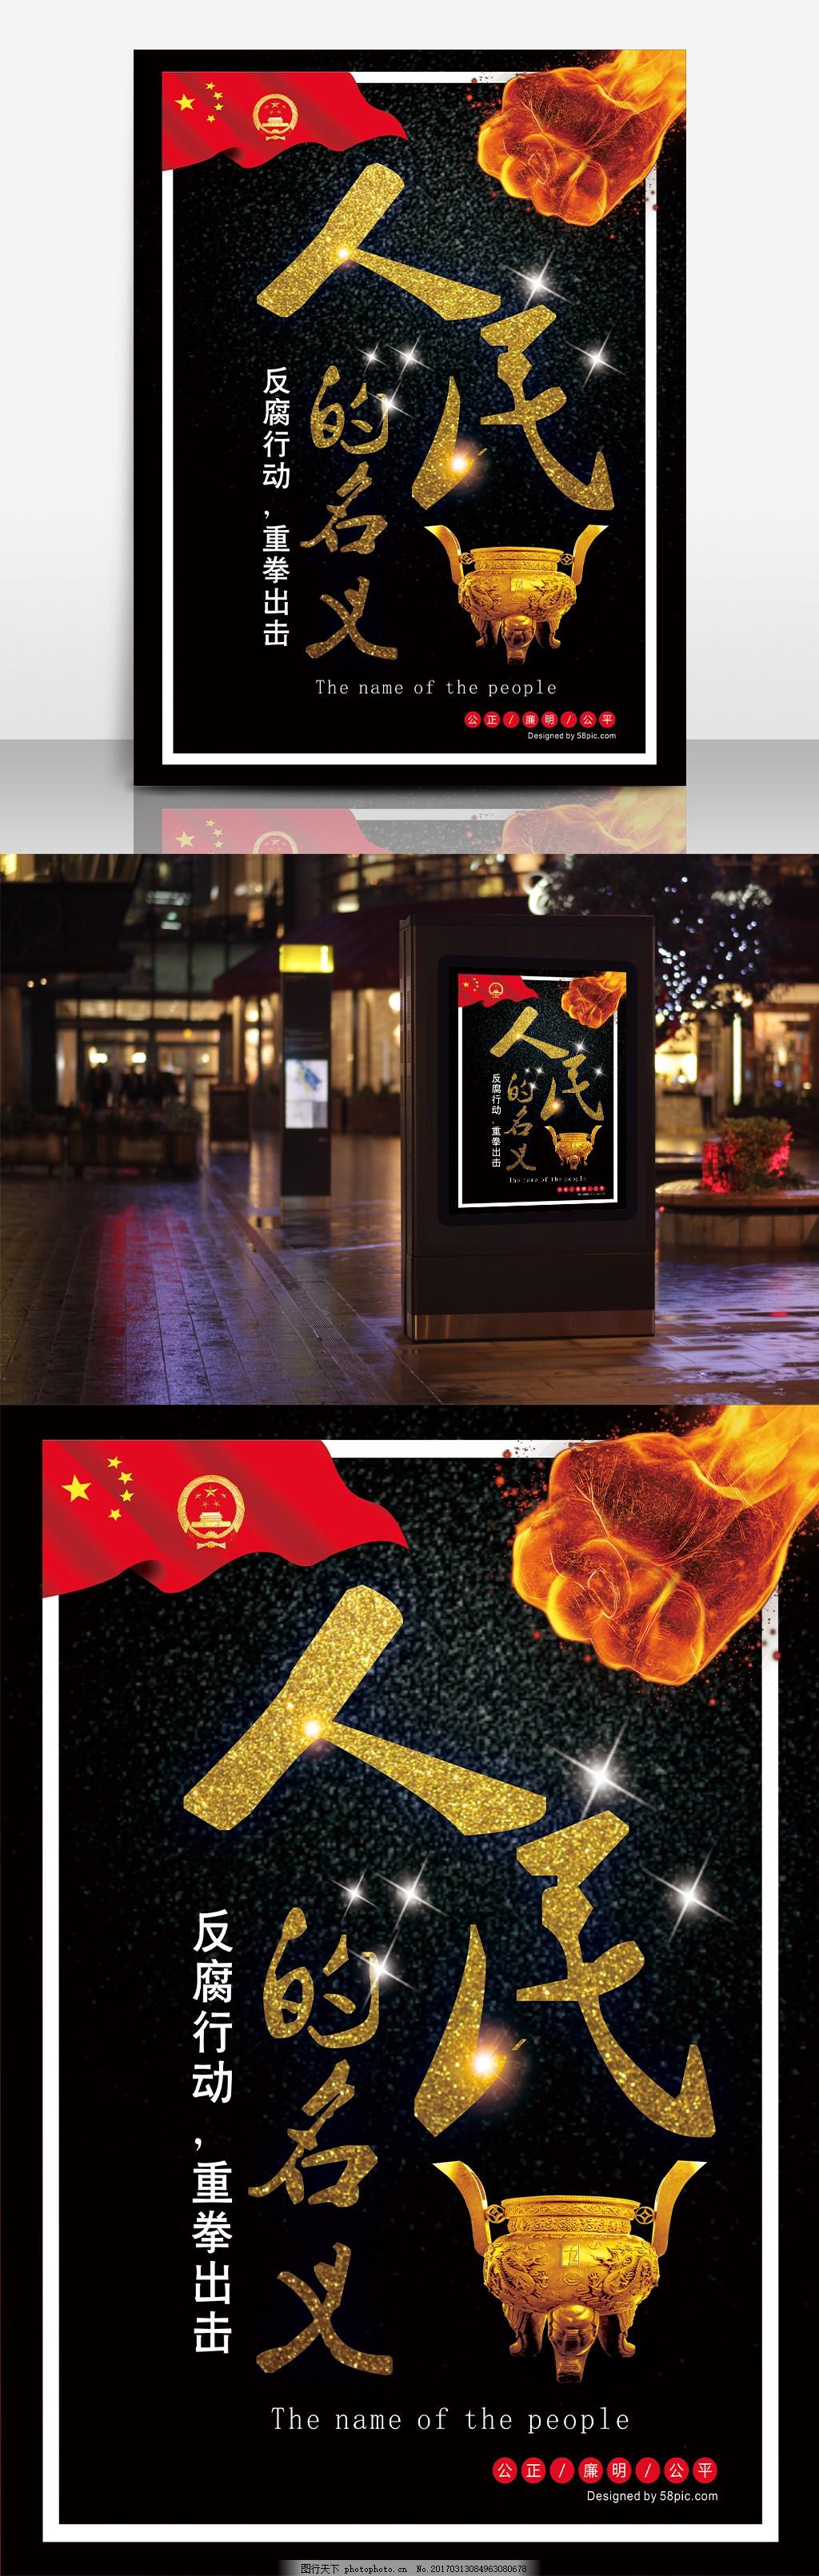 人民海报 人民名义 拳头 反腐行动 重头出击 黑色背景 国旗